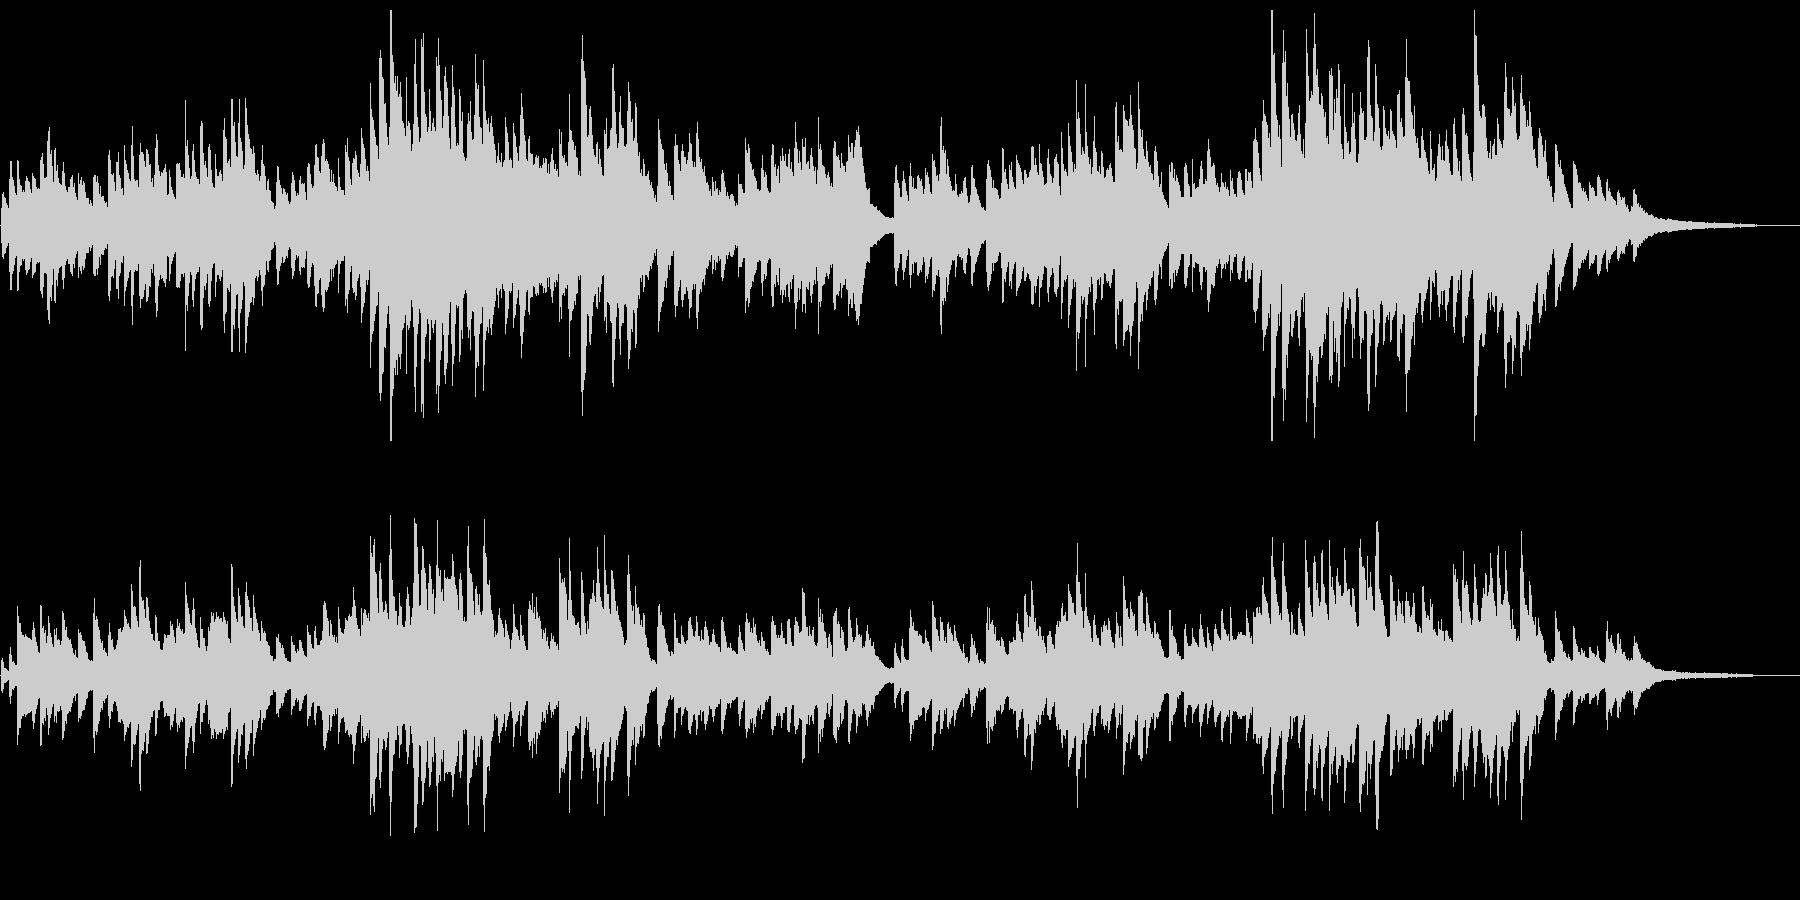 「朧月夜」シンプルなピアノソロの未再生の波形